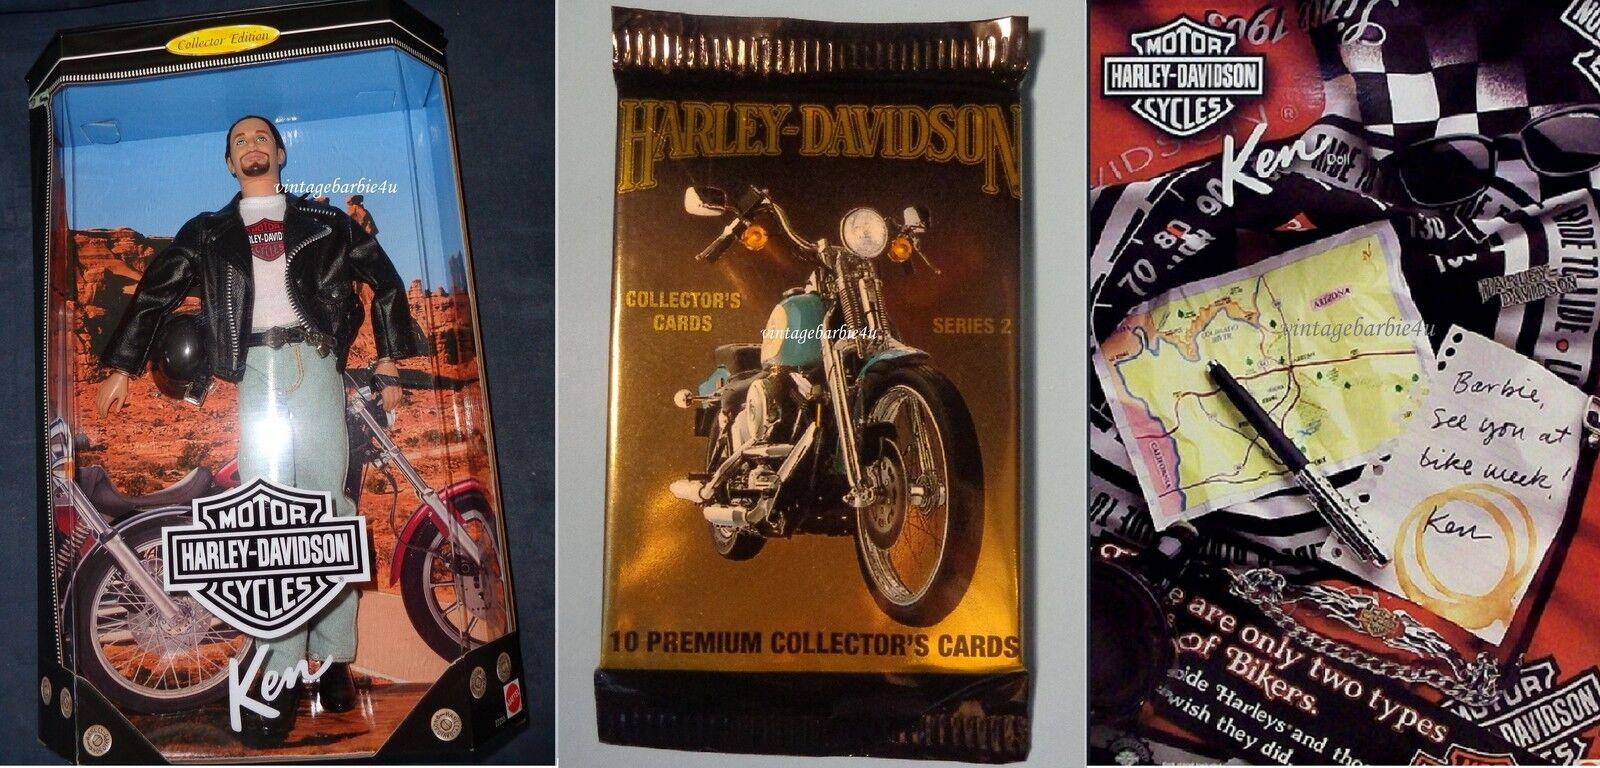 Harley Davidson Ken Muñeca Barbie & Tarjetas de coleccionista HD Serie Mattel Nuevo Como Nuevo